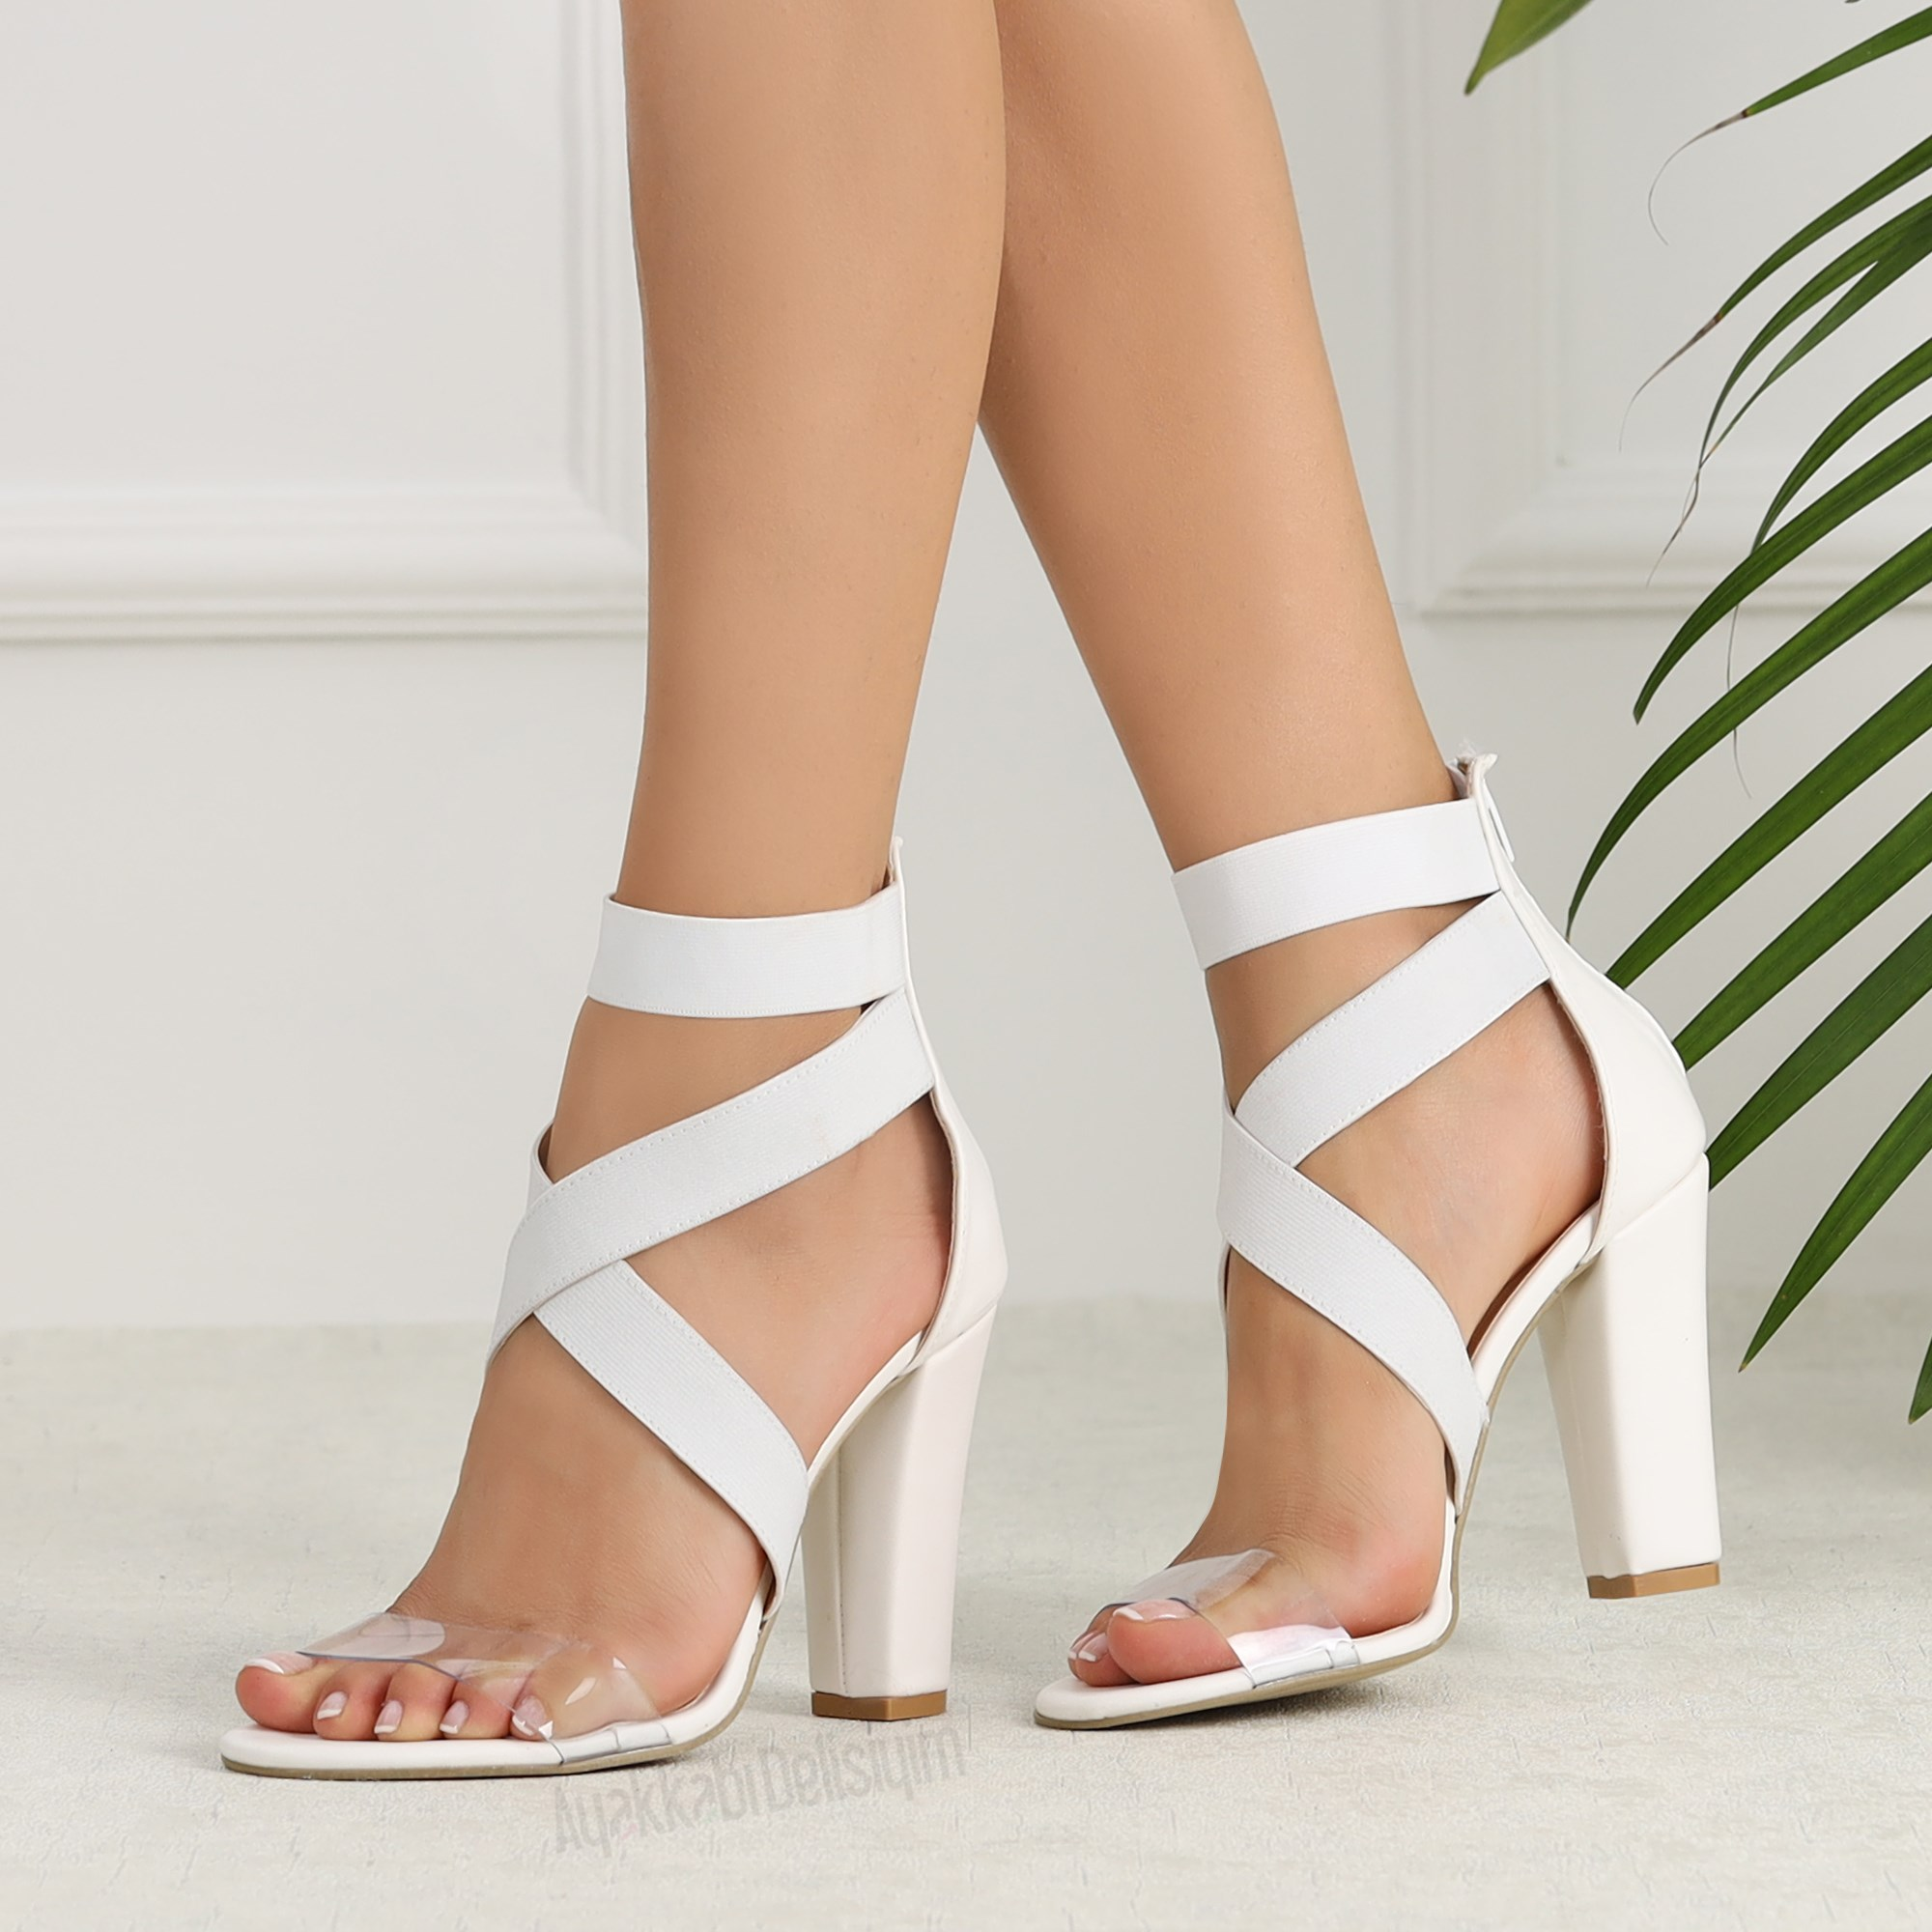 topuklu kadın ayakkabısı, kadın ayakkabı modası, ayakkabı stilleri